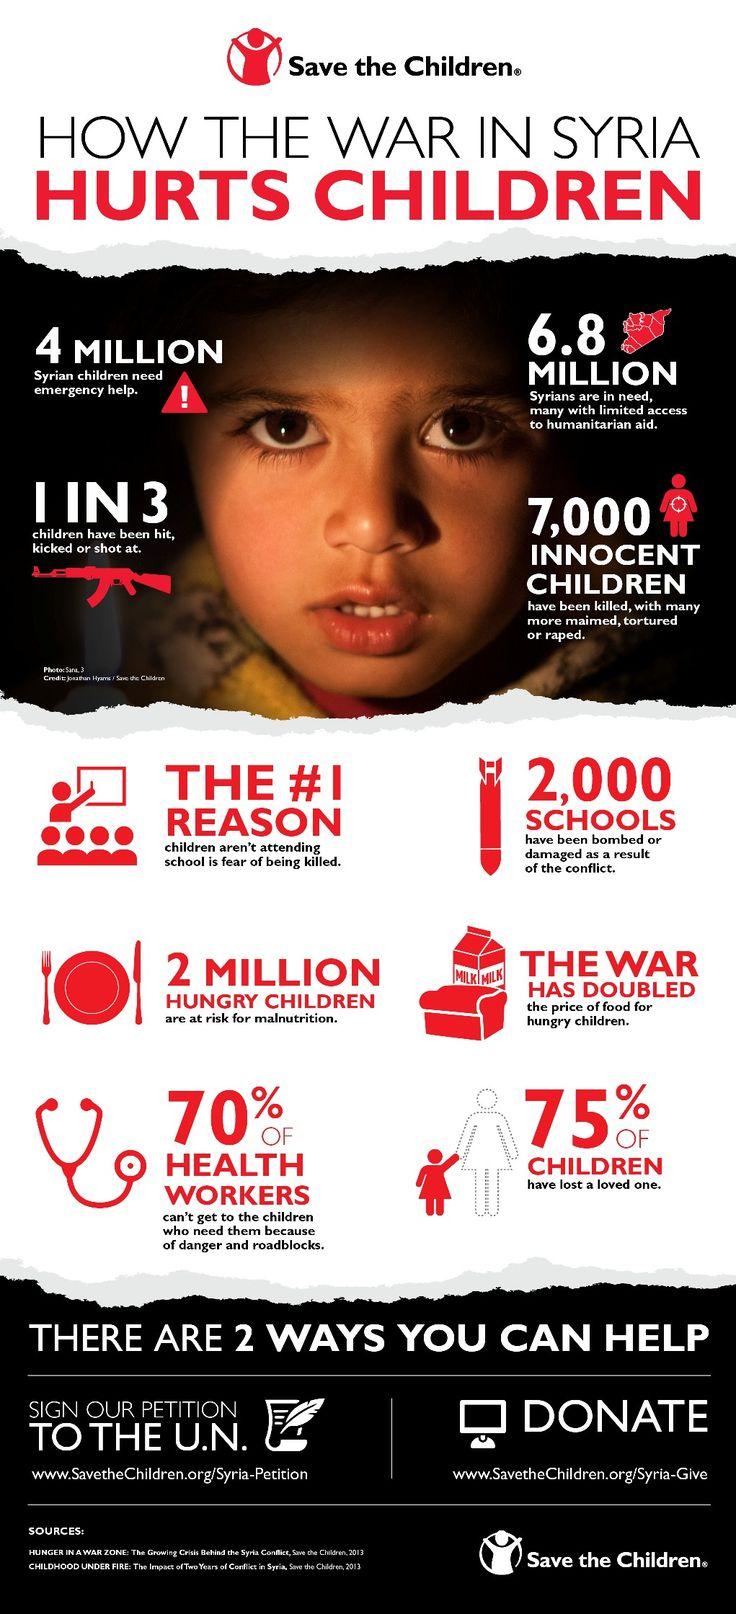 http://www.savethechildren.org/site/c.8rKLIXMGIpI4E/b.7998857/k.D075/Syria.htm